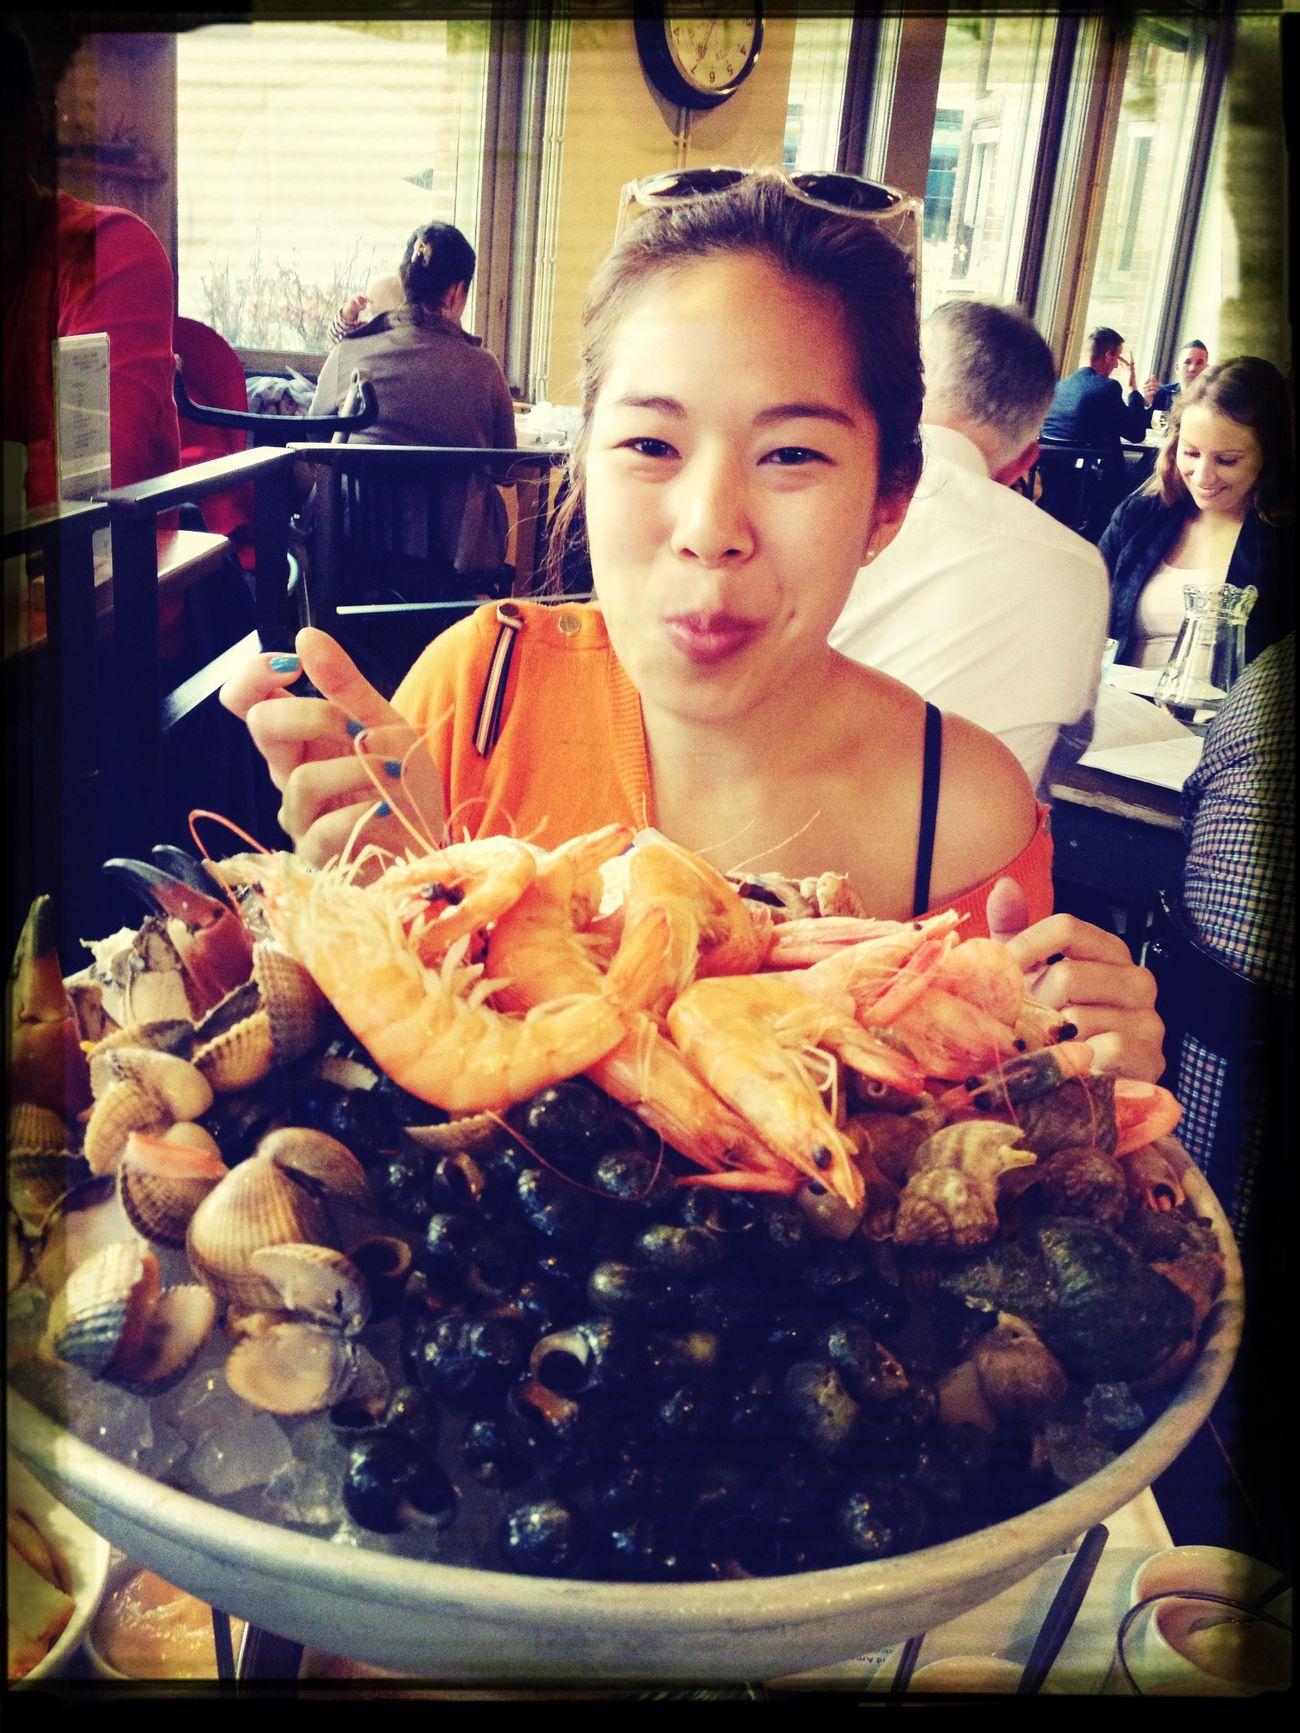 Fruit des mer platter... All by myself